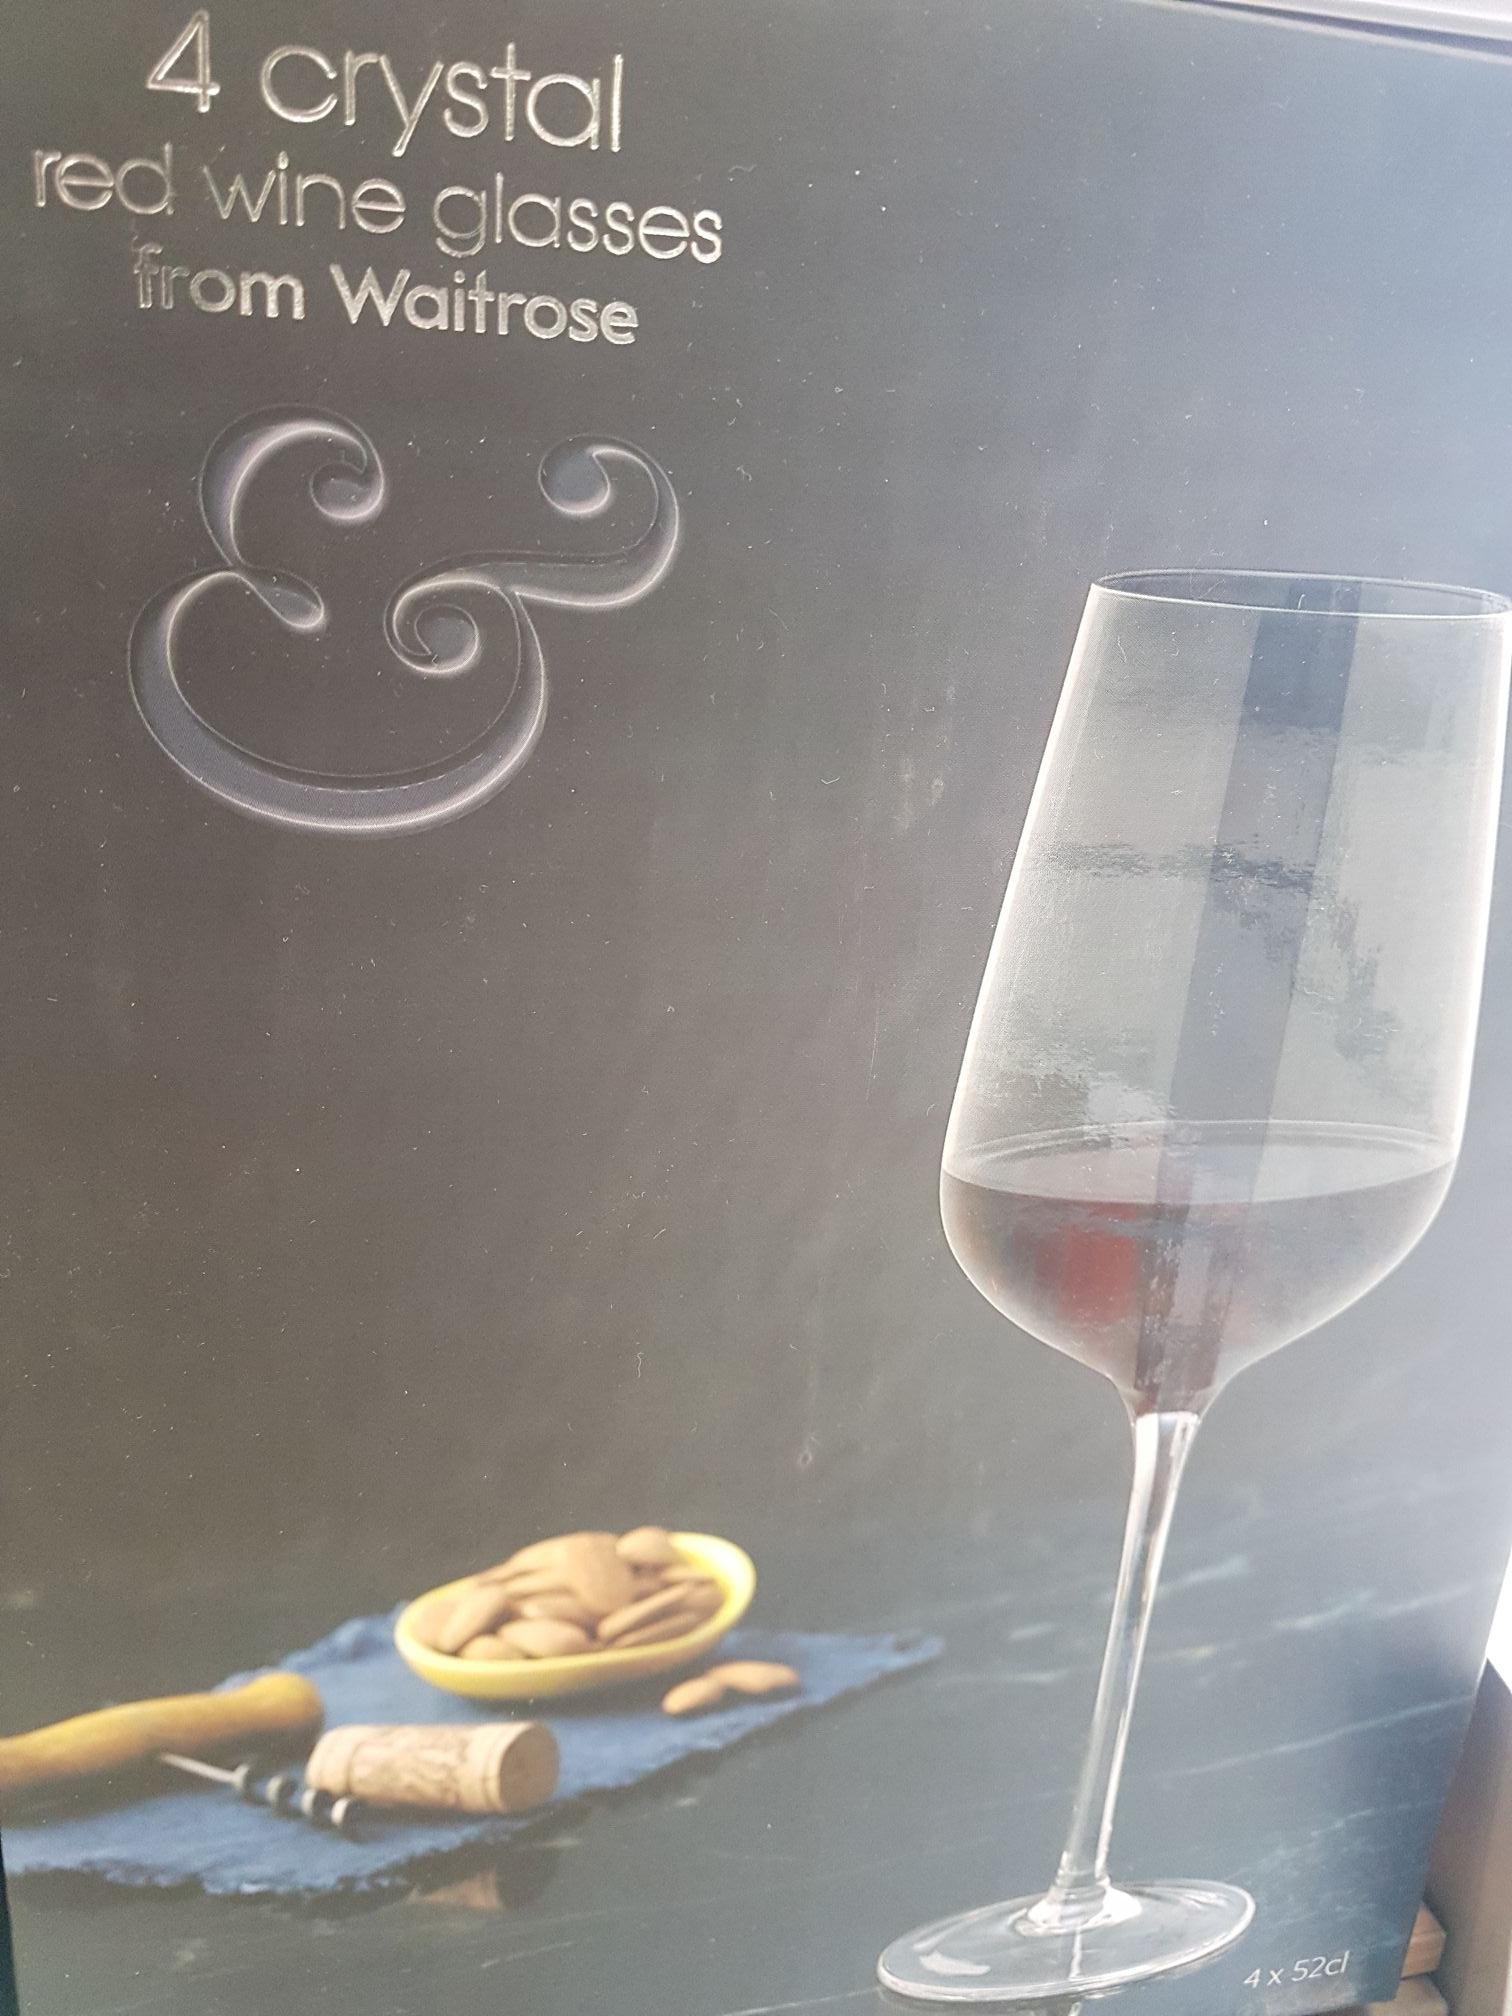 f4feba30d682 Red White Crystal Wine Glasses